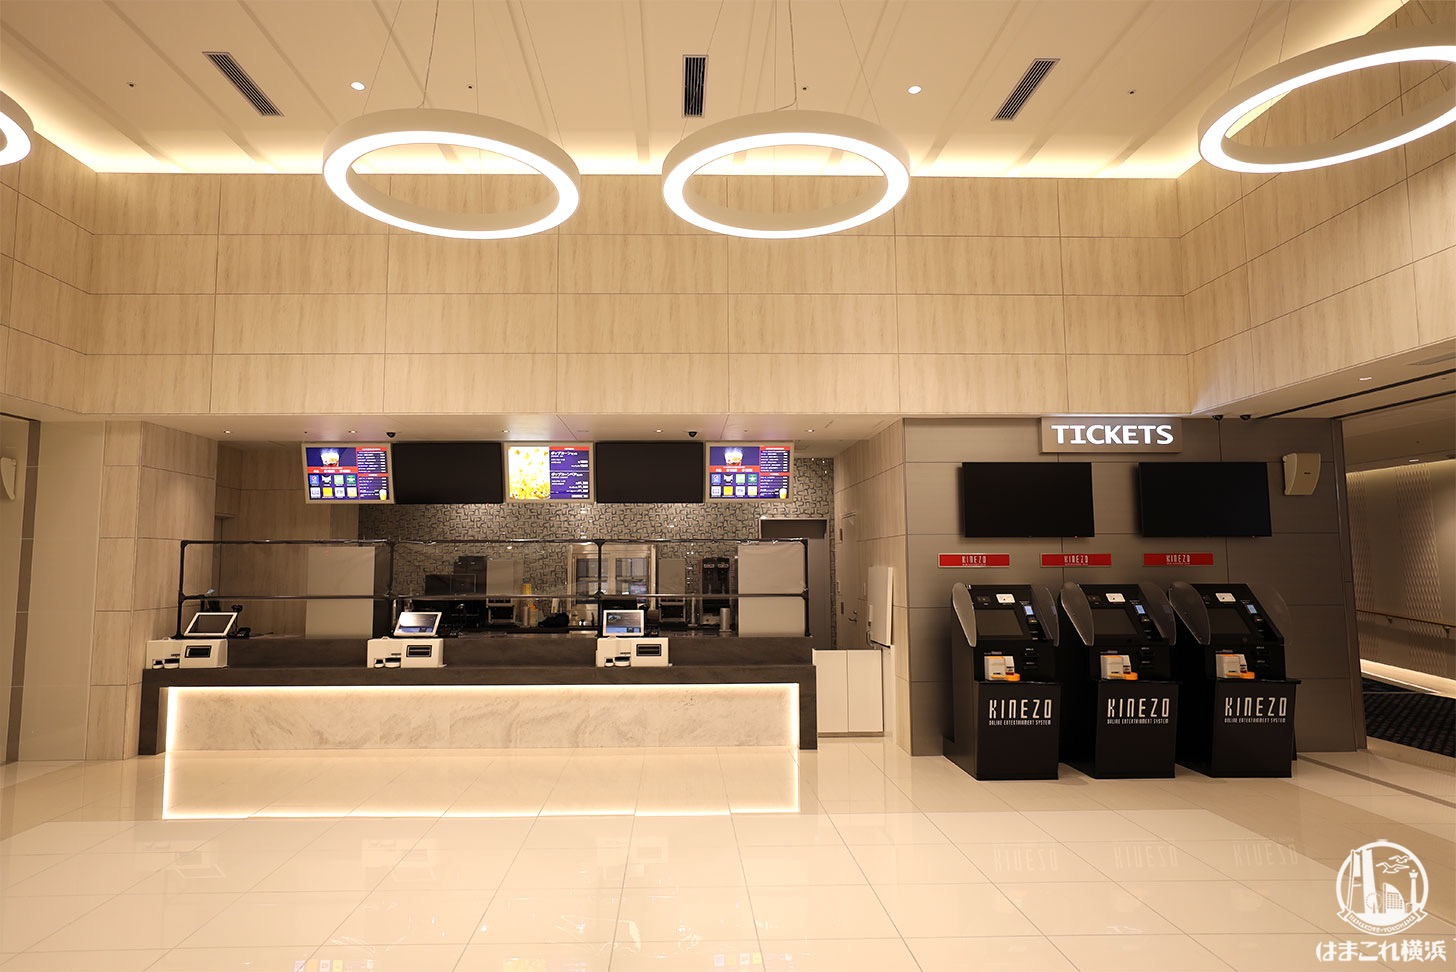 横浜駅 映画館「T・ジョイ横浜」フードコーナー 10階